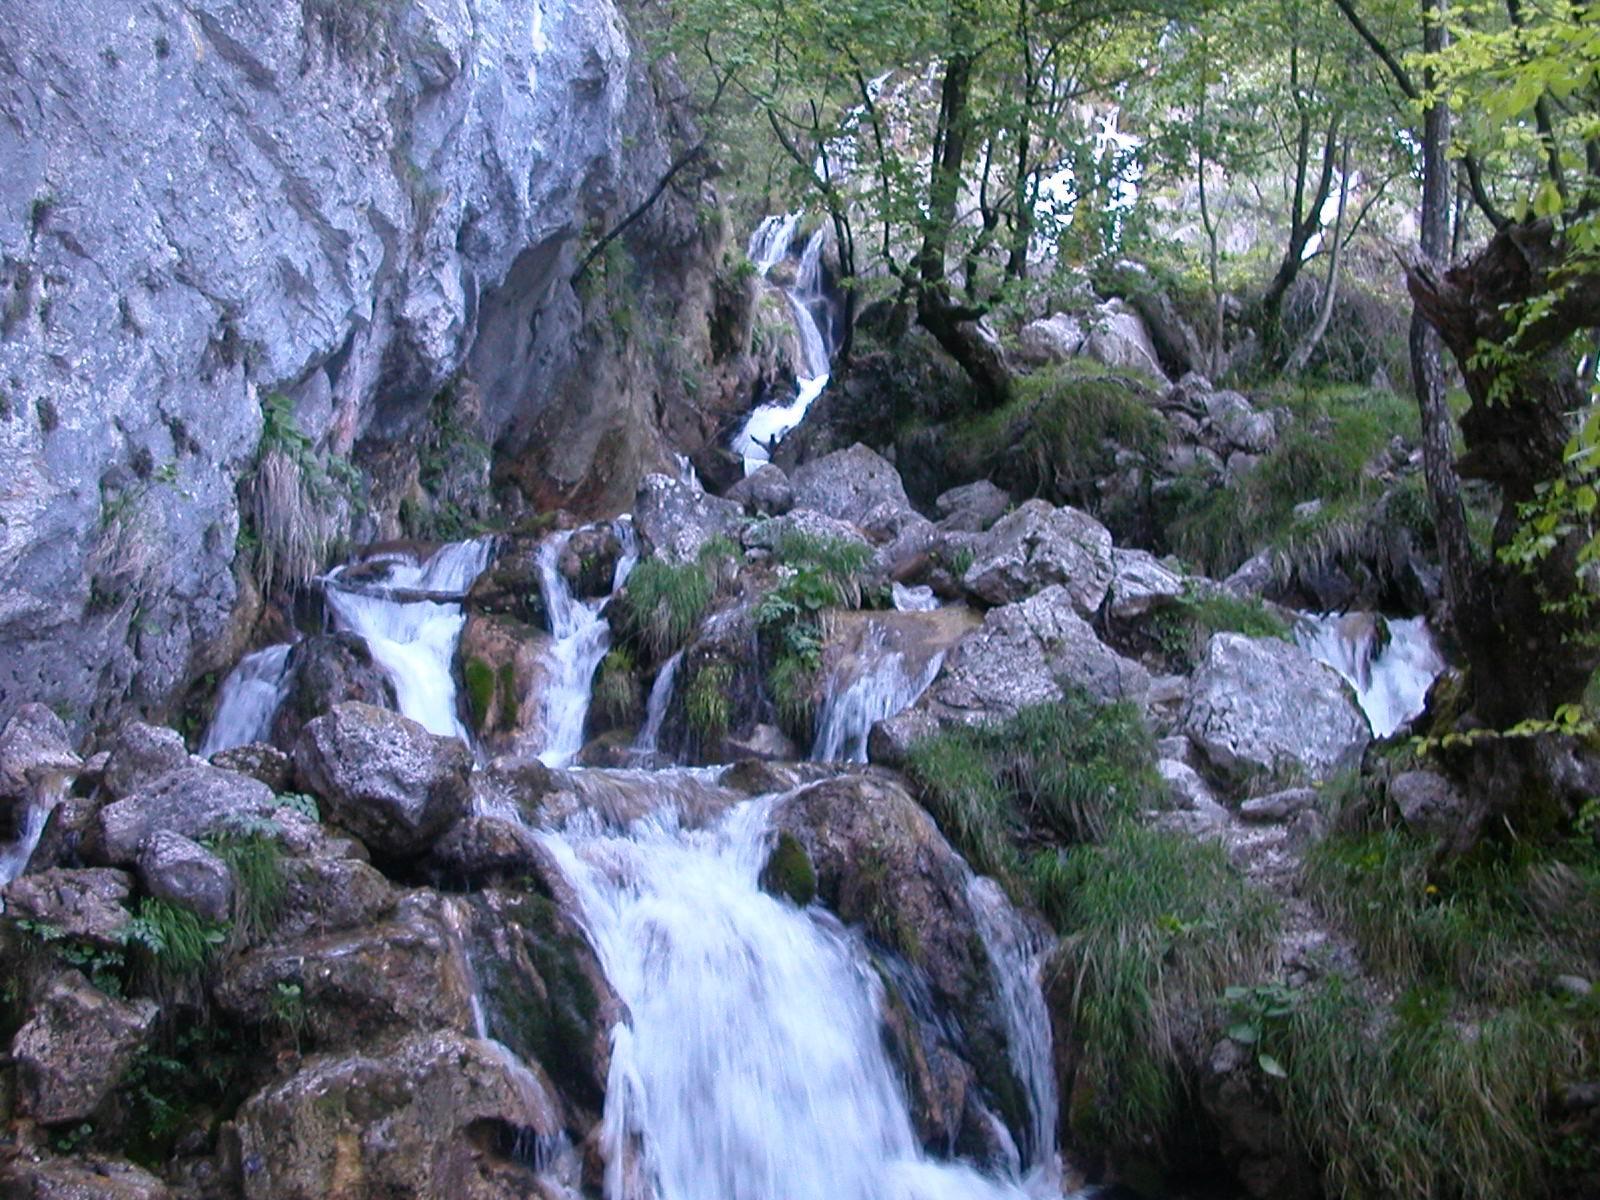 Escursione presso la Riserva Naturale Zompo Lo Schioppo